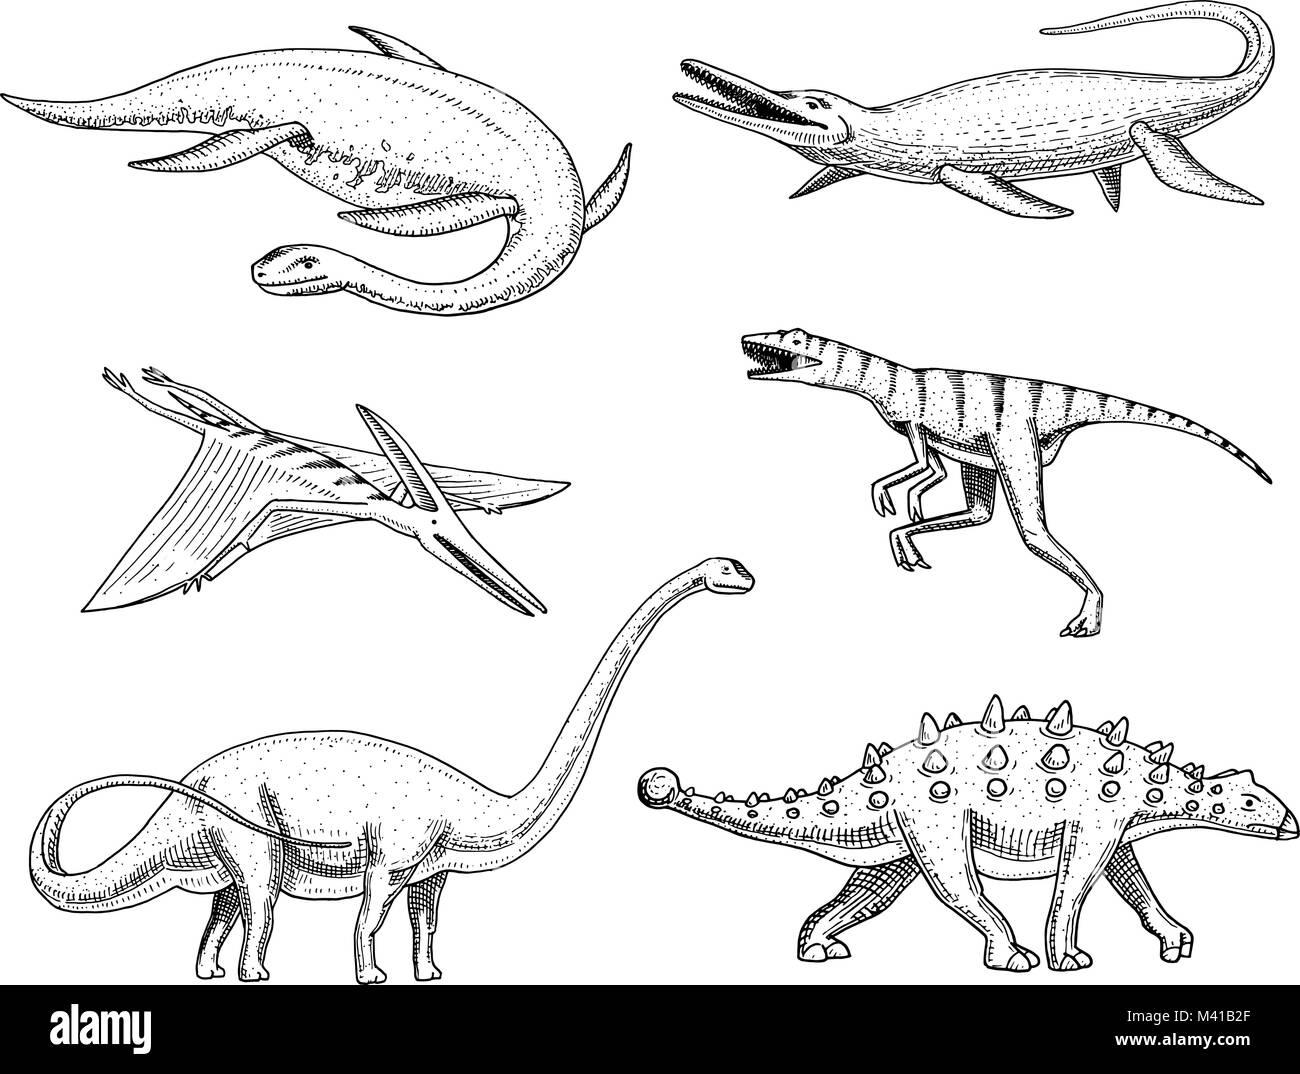 mosasaurus stock photos  mosasaurus stock images  alamy